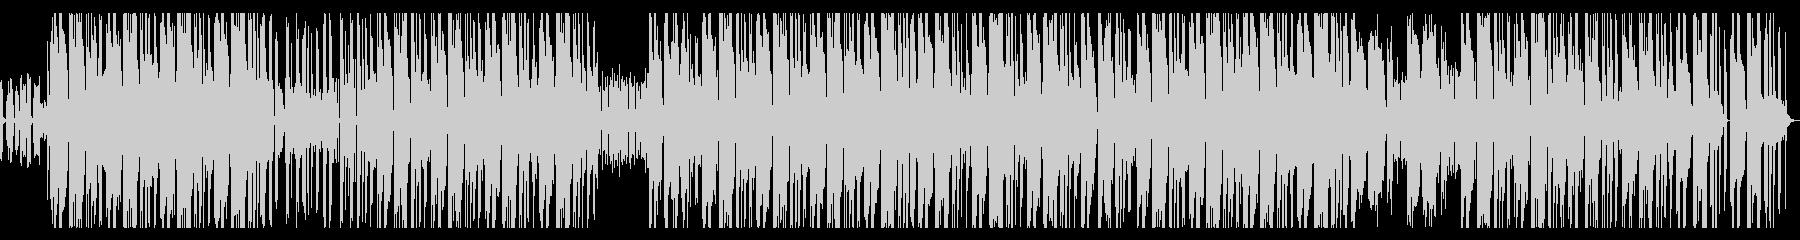 歪んだ質感のシンセ・エモ・ヒップホップの未再生の波形